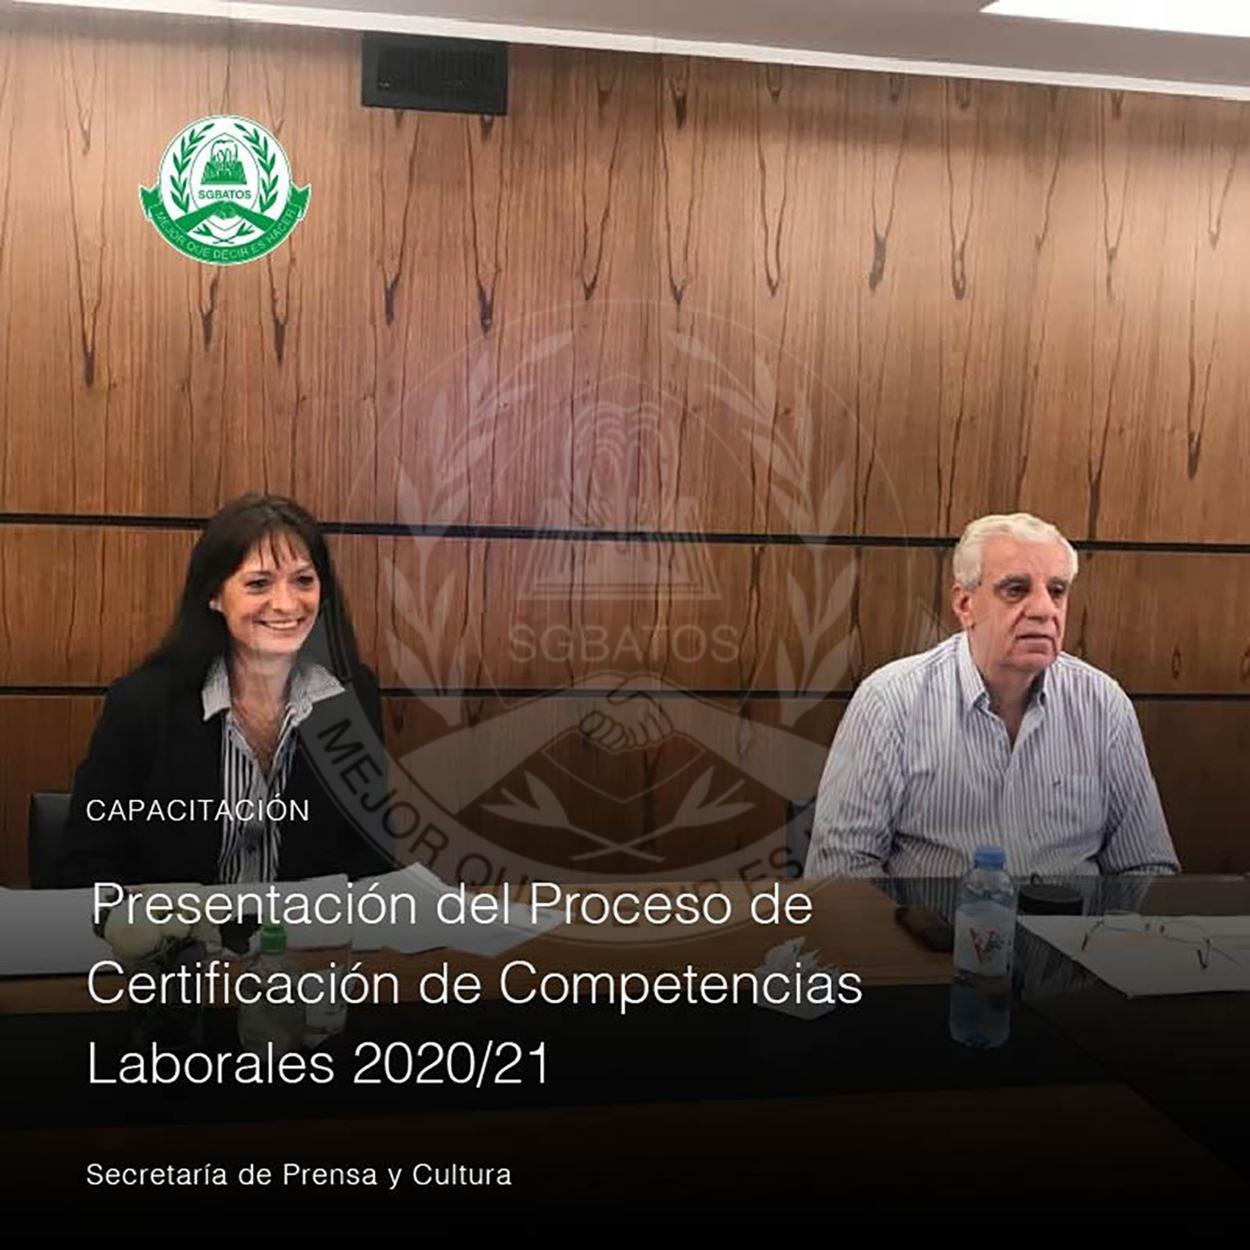 Presentación del Proceso de Certificación de Competencias Laborales 2020/2021